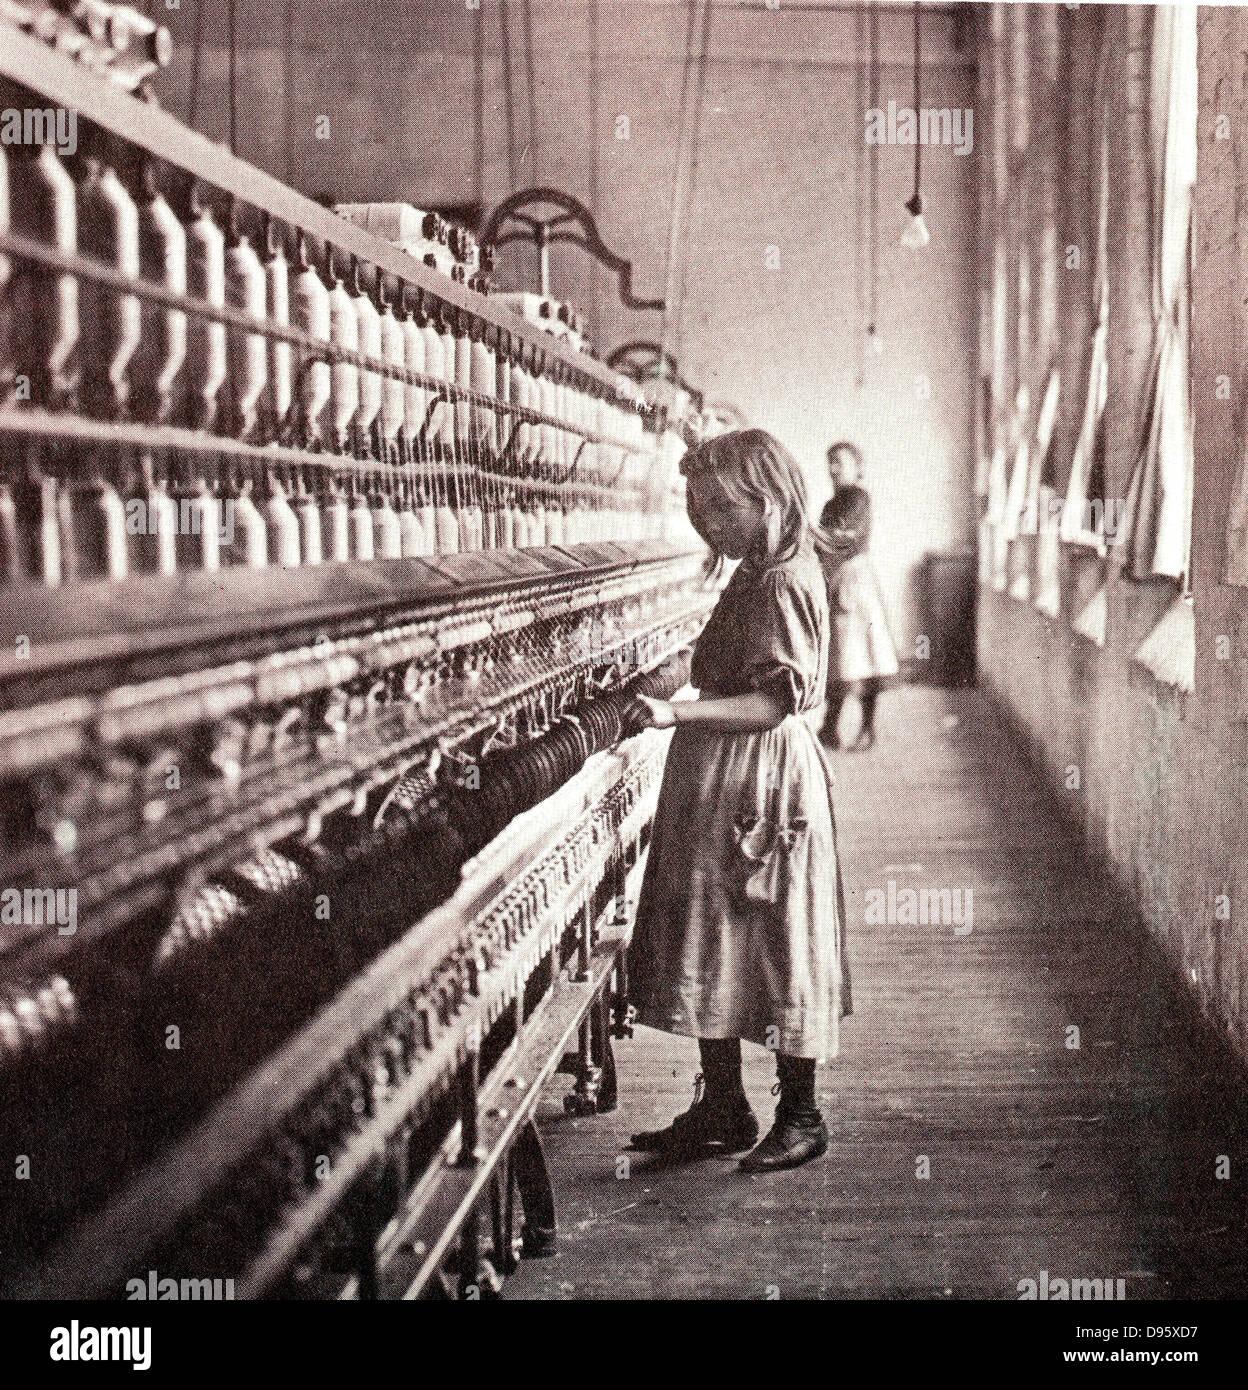 Mädchen tendenziell eine Spinnmaschine, 1900. Zu diesem Zeitpunkt ...